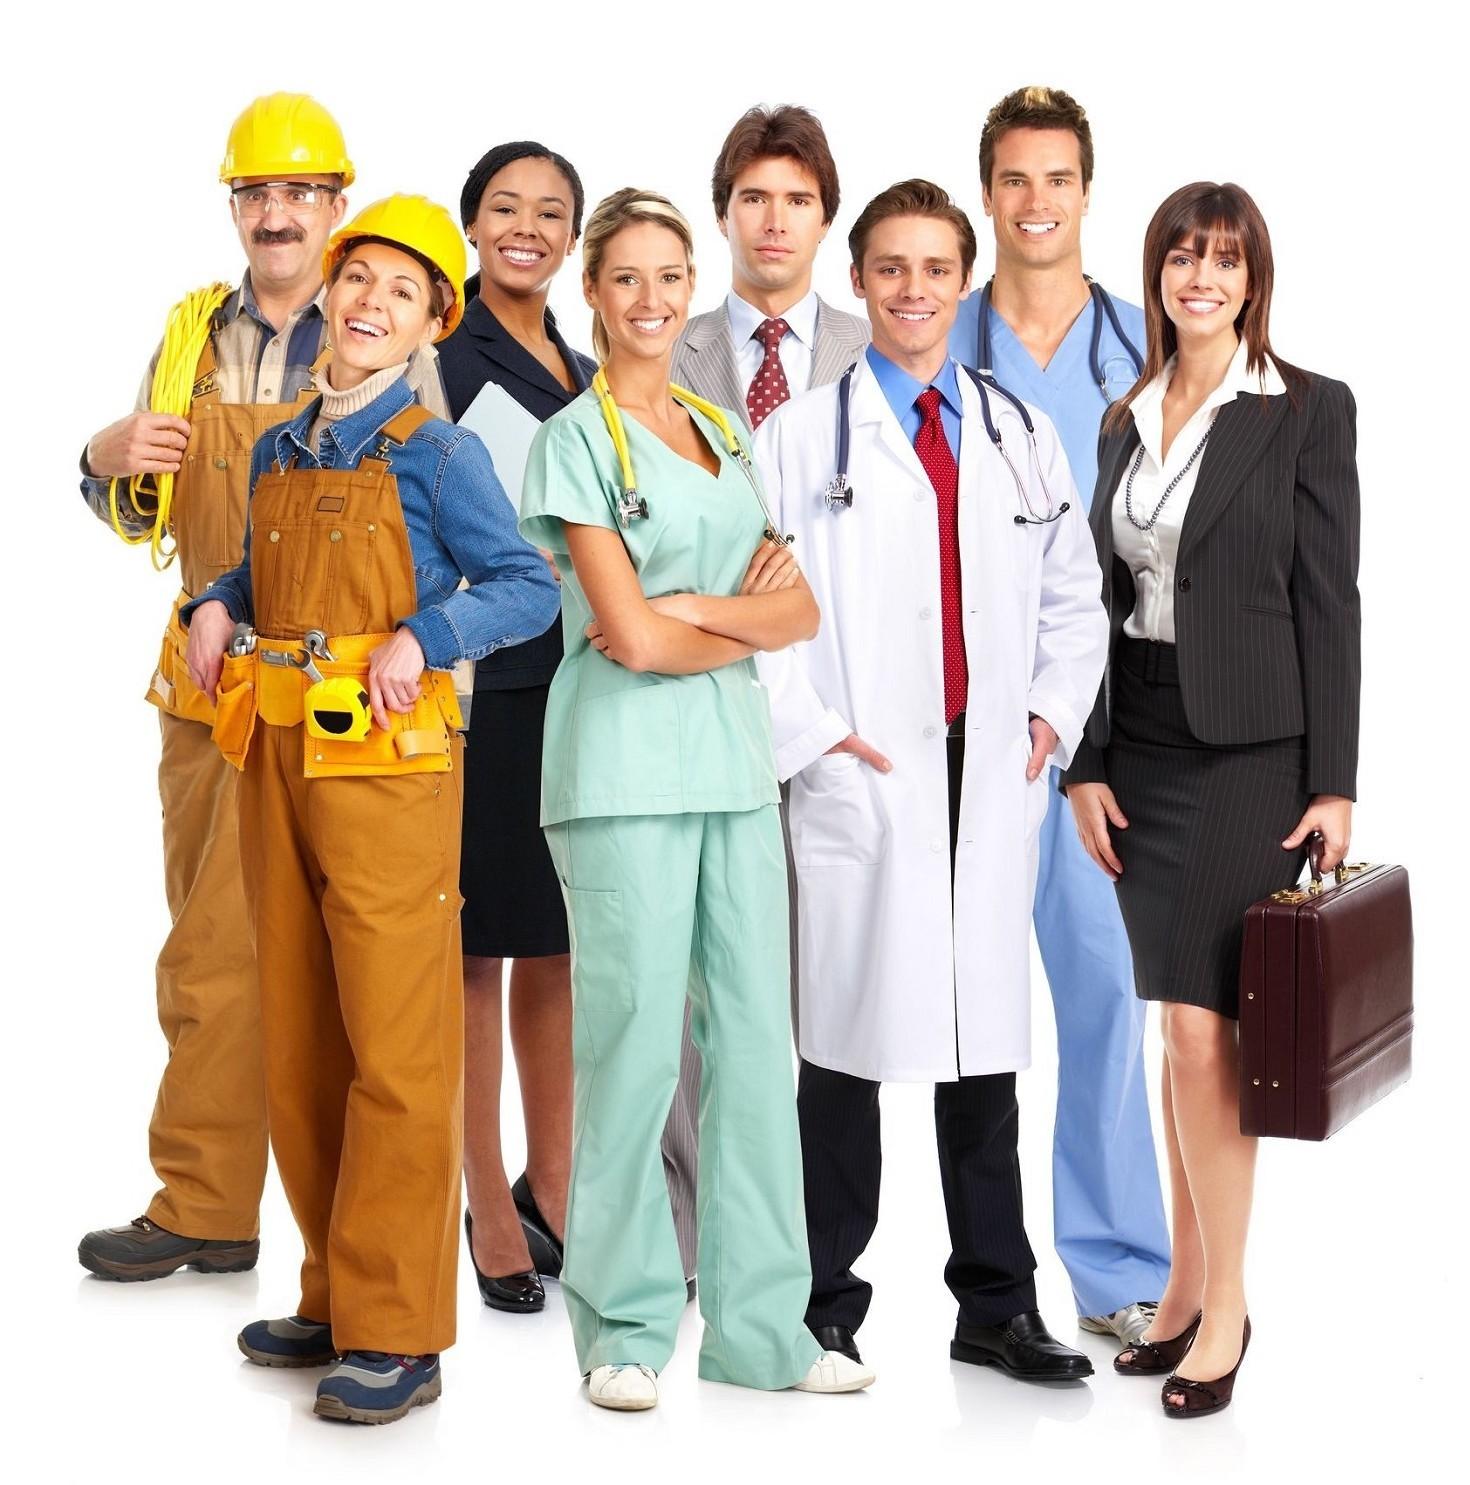 Obblighi del lavoratore, ecco quali sono e cosa si rischia se non rispettati